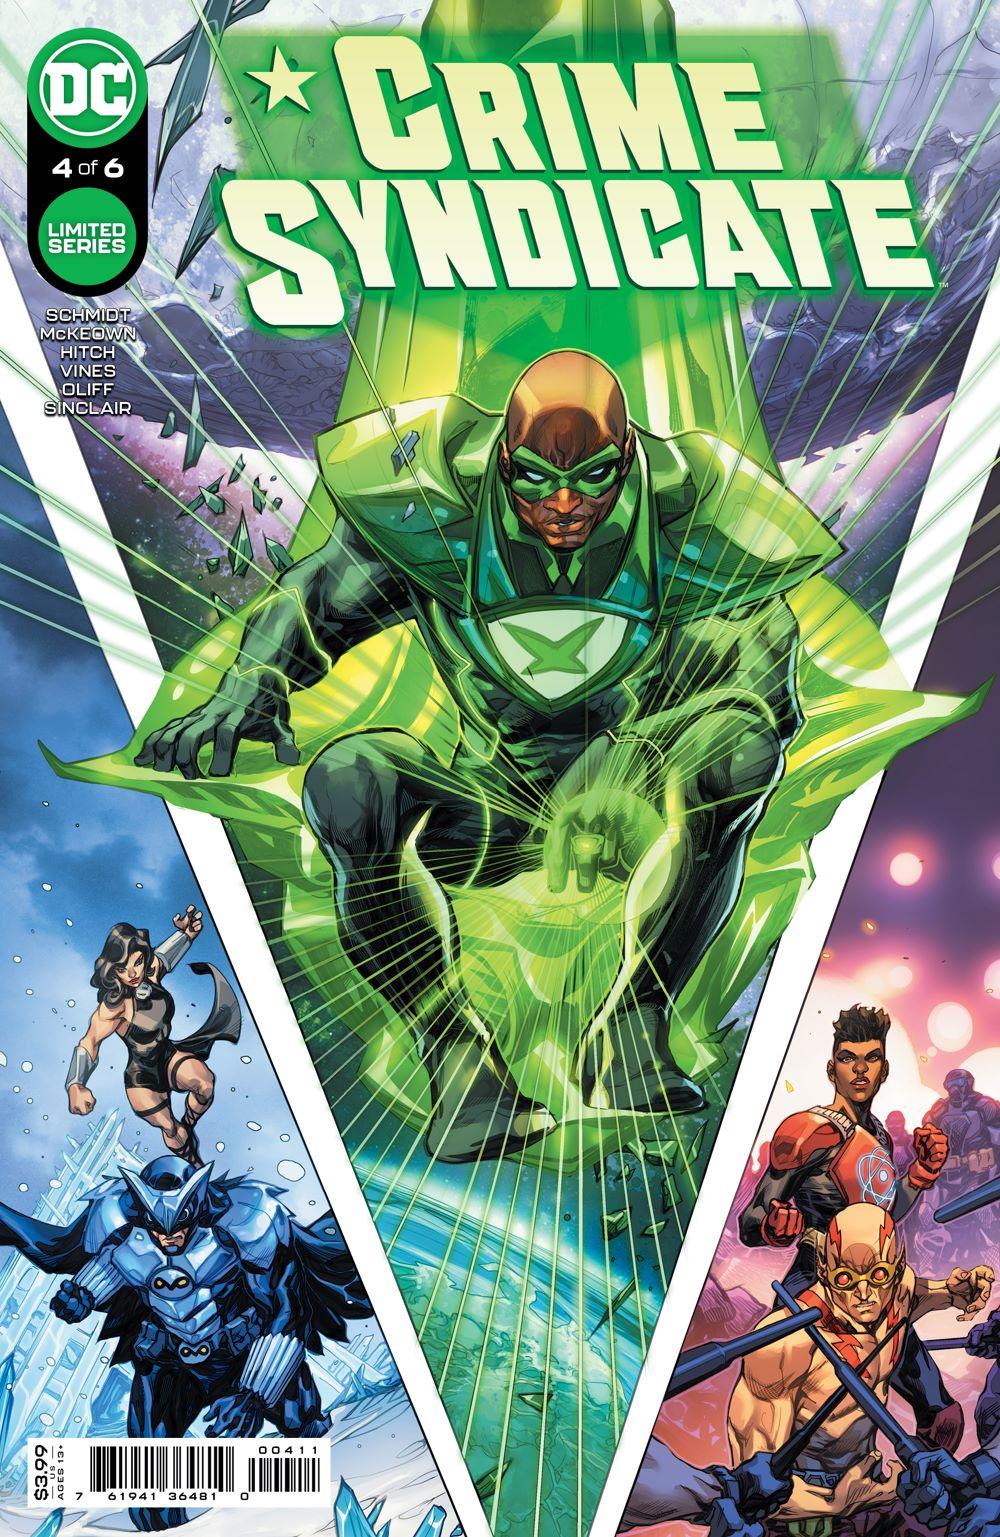 CS_Cv4 DC Comics June 2021 Solicitations